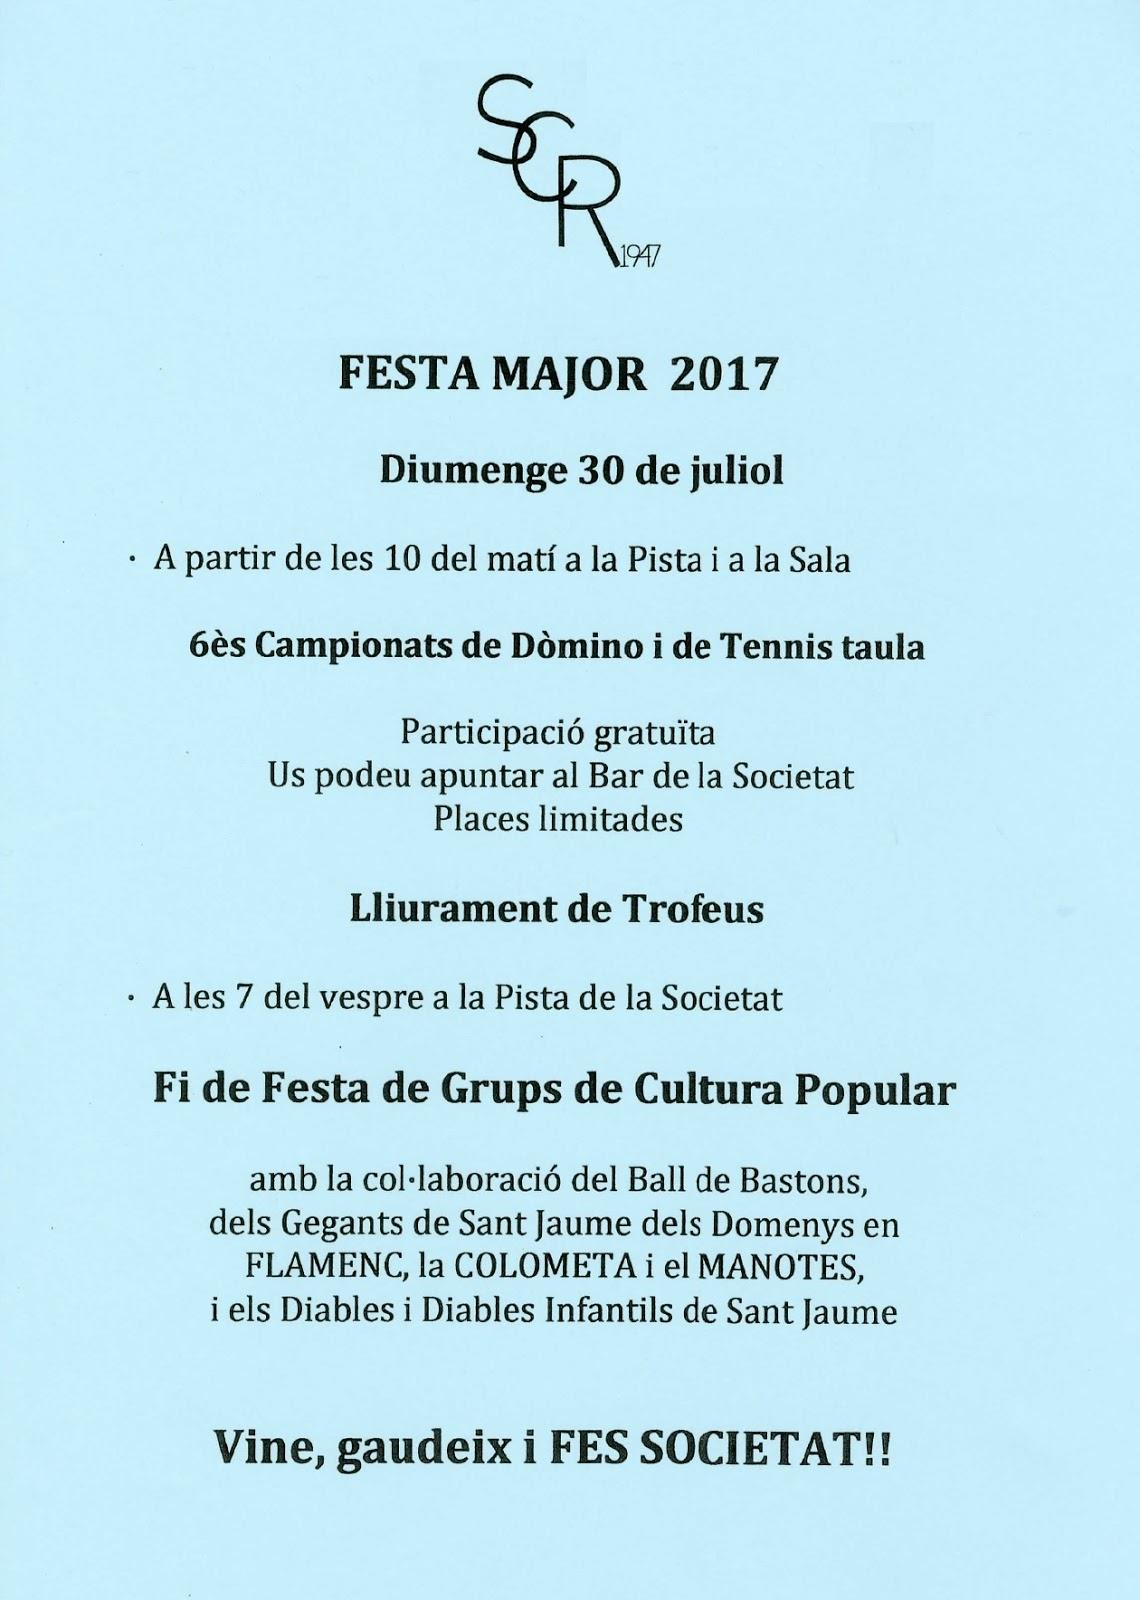 Esguard de Dona - 6ès Campionats de Dòmino i de Tennis de Taula - Societrat Cultural i Recreativa Sant Jaume dels Domenys - Festa Major 2017